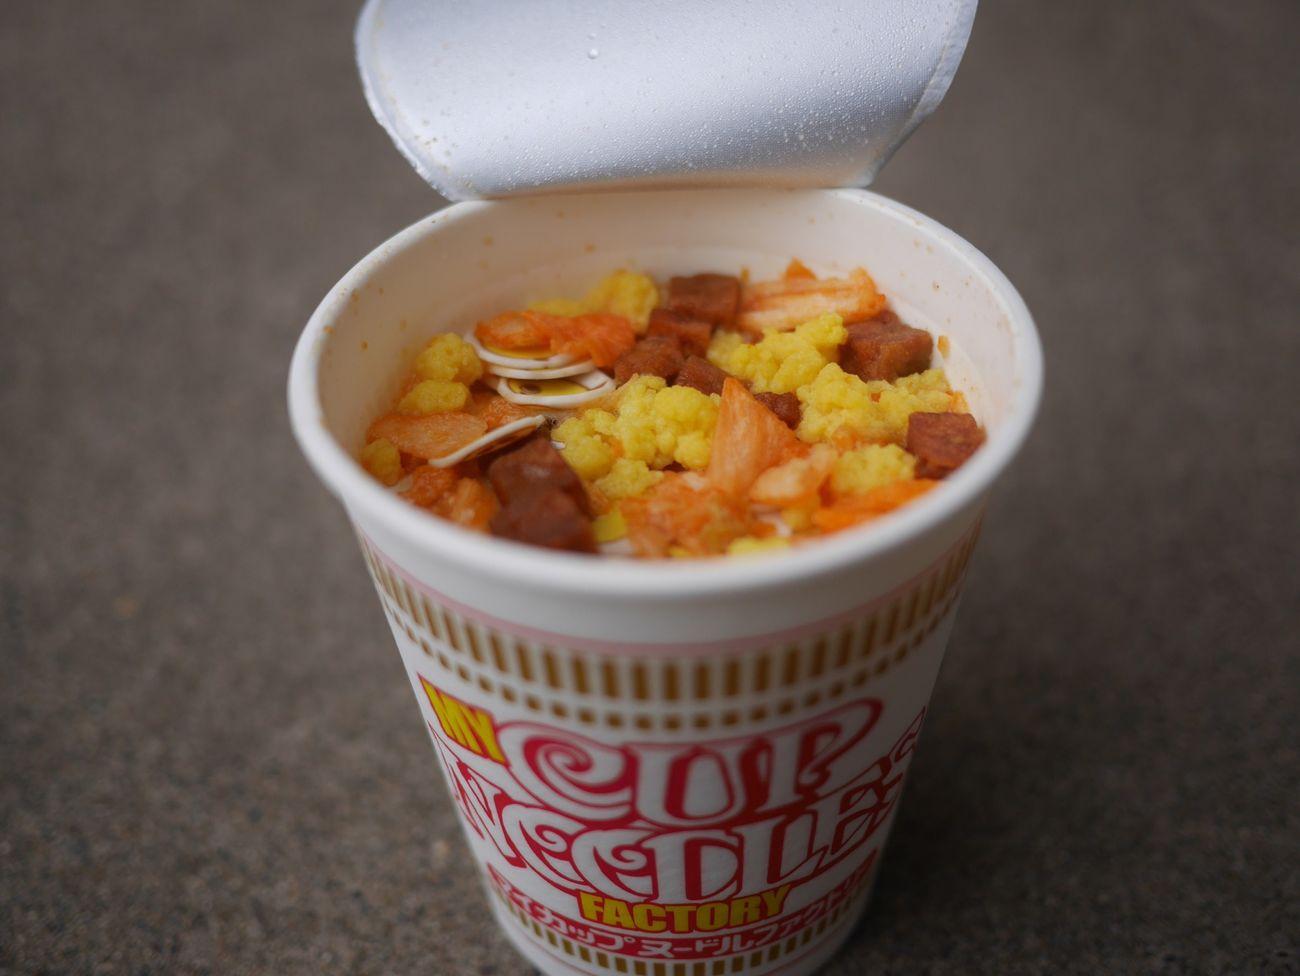 食べちゃった… オリジナルカップヌードル シーフード 味 具材 たまご コロチャー キムチ ひよこちゃんナルト